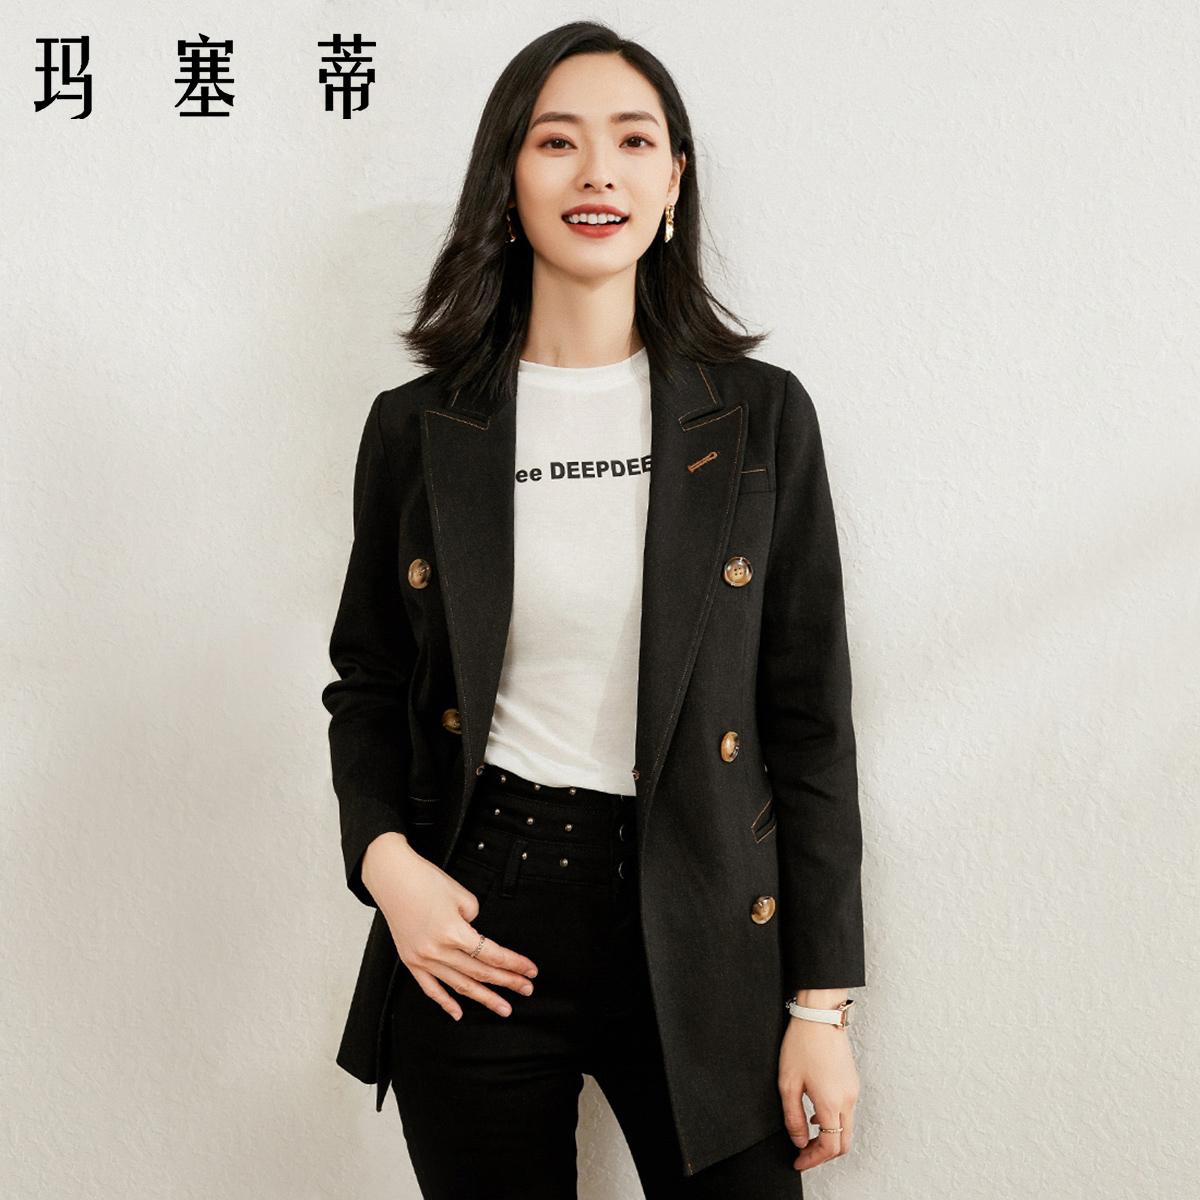 牛仔外套女短款春款长袖西装领宽松小个子韩版黑色宽松开衫上衣